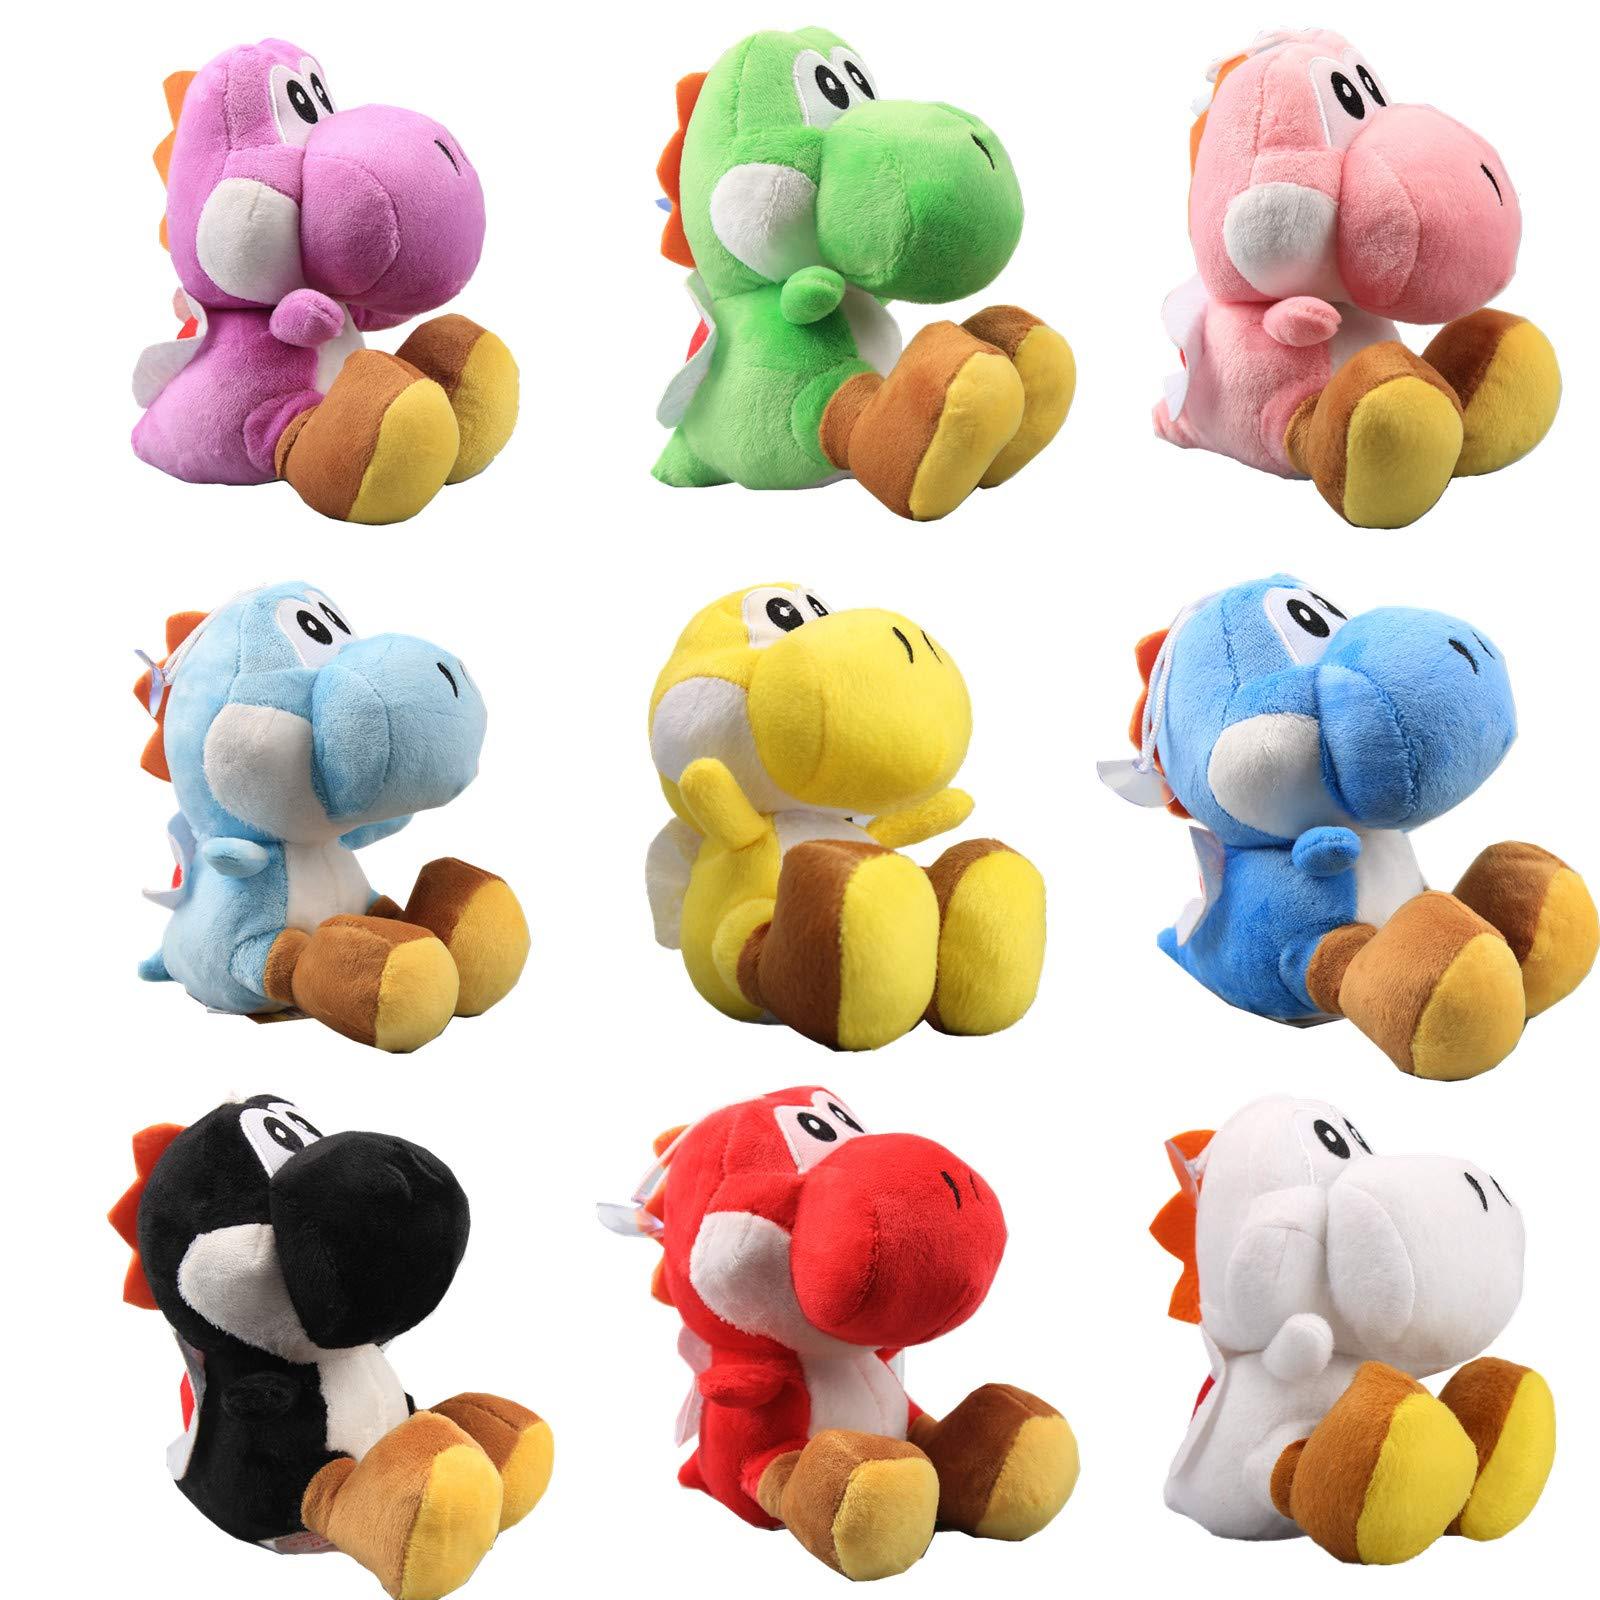 UiUoU Super Mario Bros. Set of 9 Yoshi Plush Toys 6'' Green Yoshi, Red Yoshi, White Yoshi, Purple Yoshi, Light Blue Yoshi, Dark Blue Yoshi, Black Yoshi, Yellow Yoshi, and Pink Yoshi by uiuoutoy